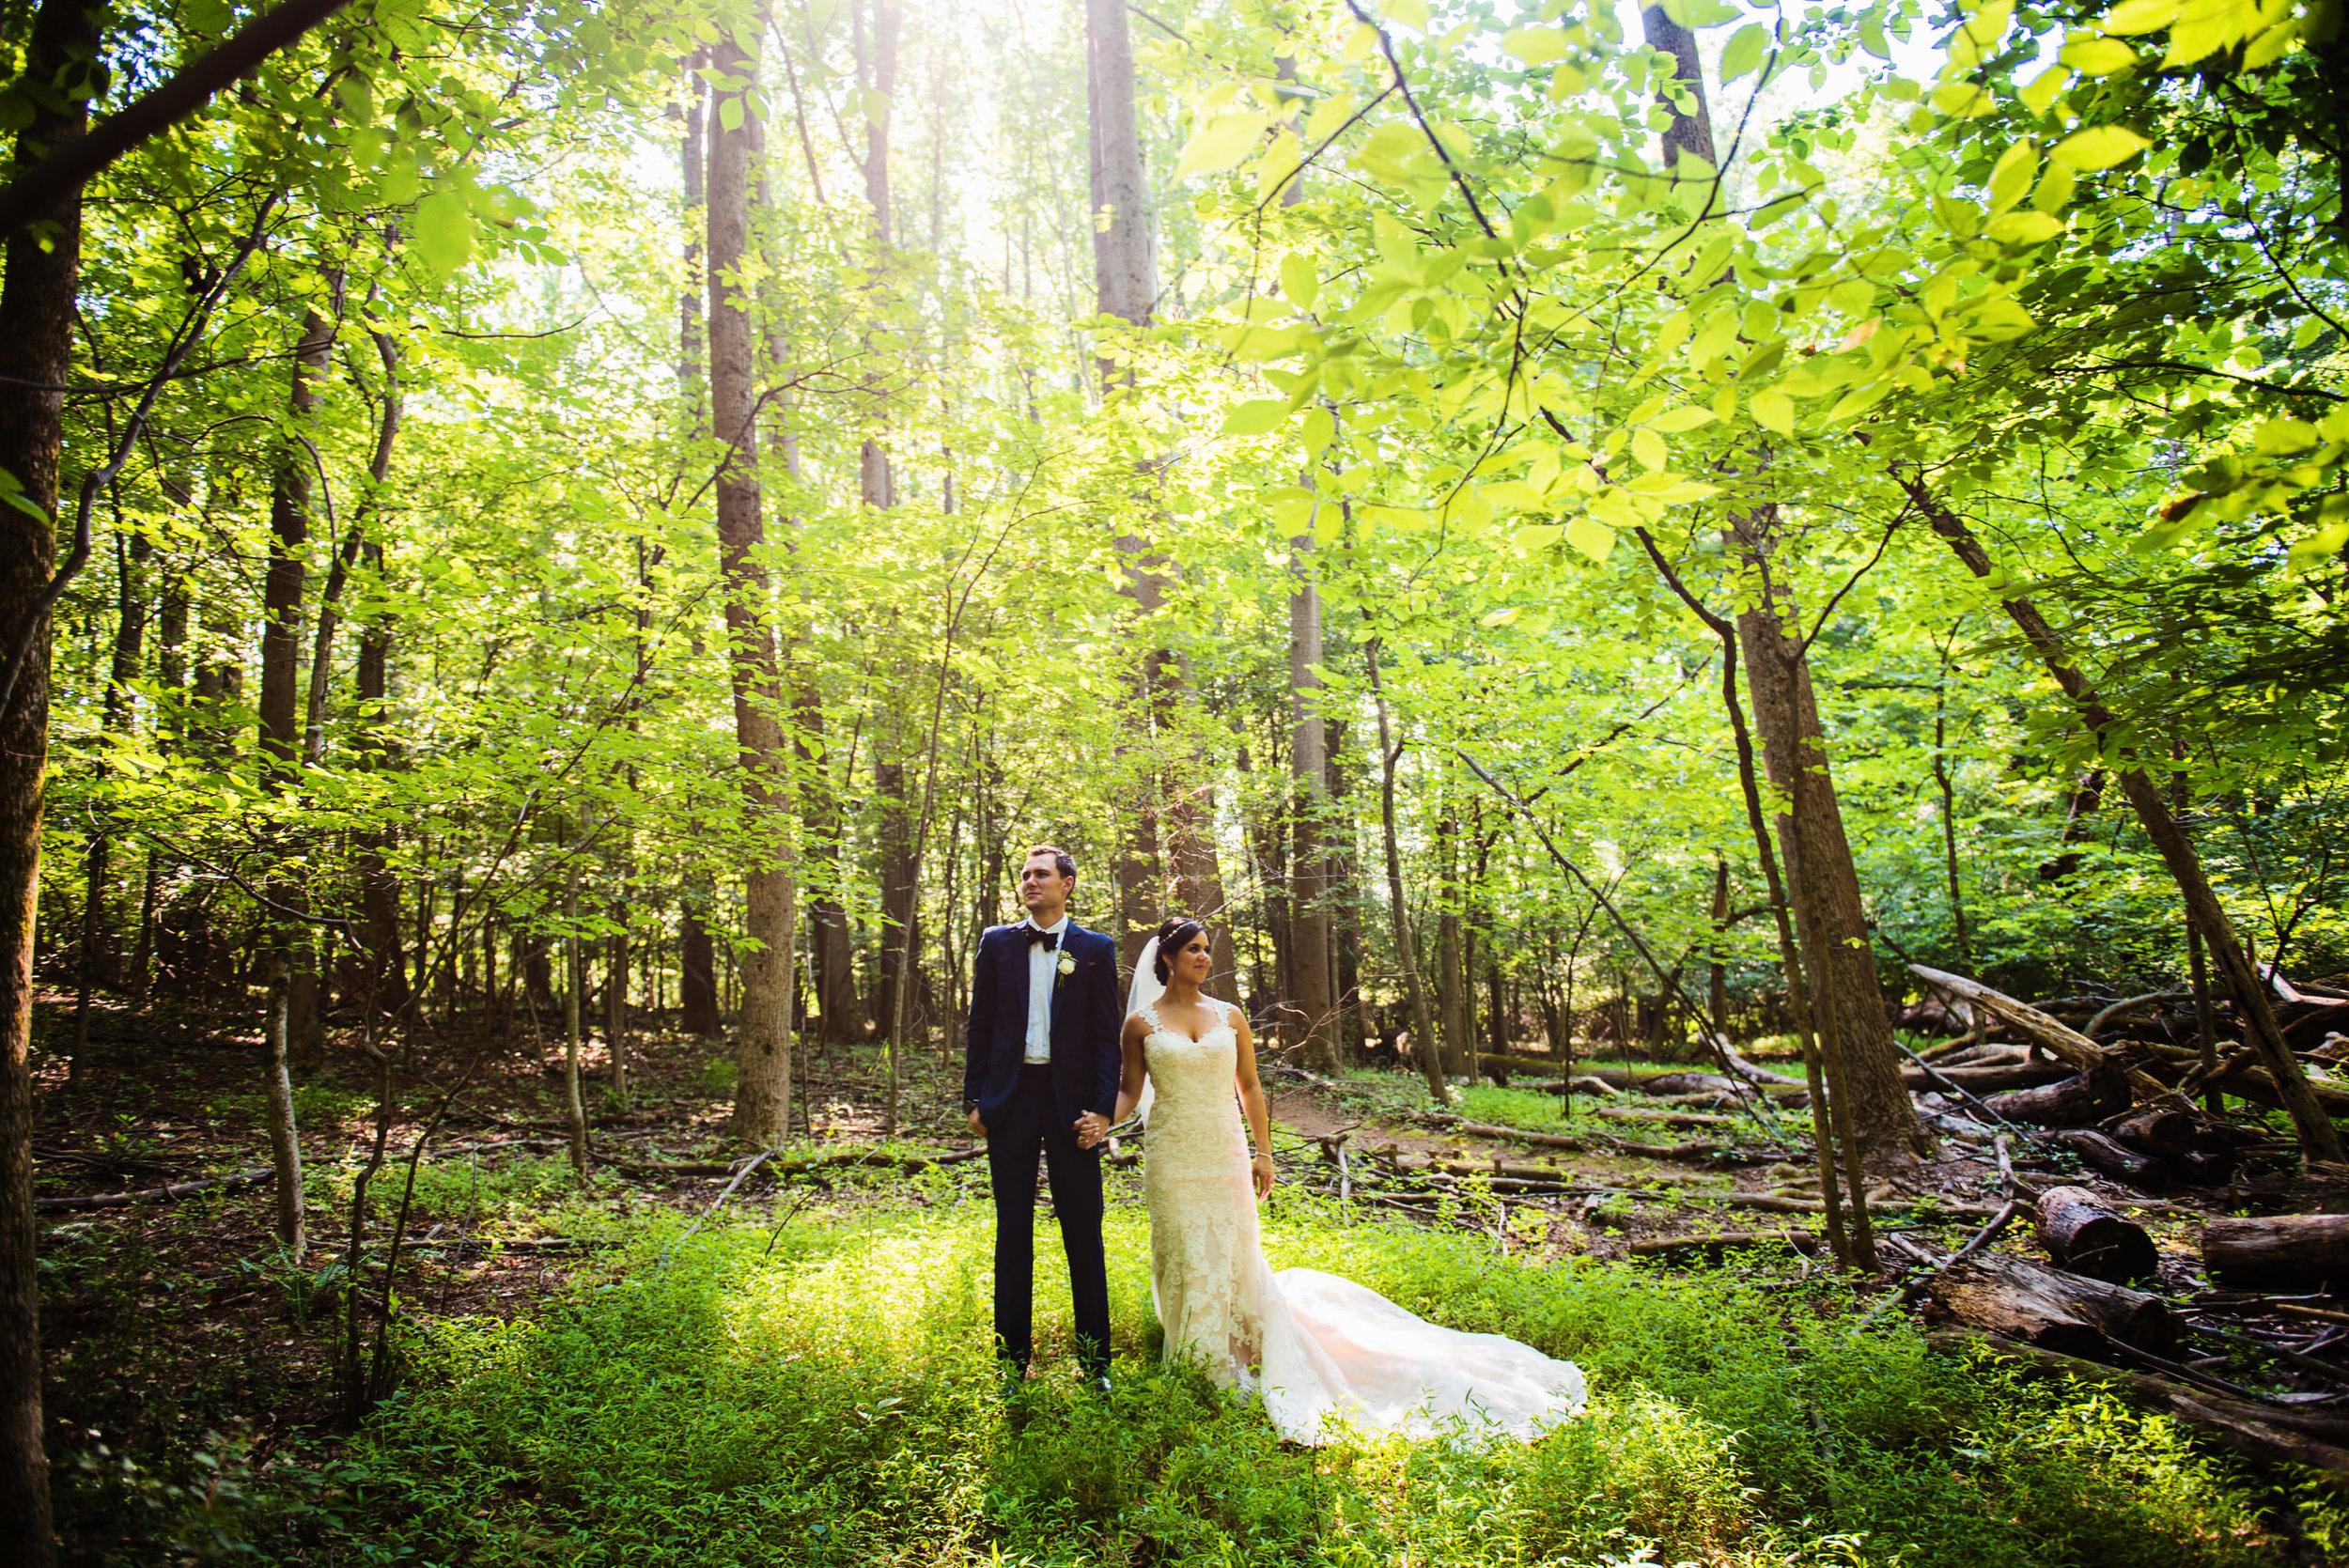 WoodendSantuaryWedding-Ashley&Dennis-356.JPG